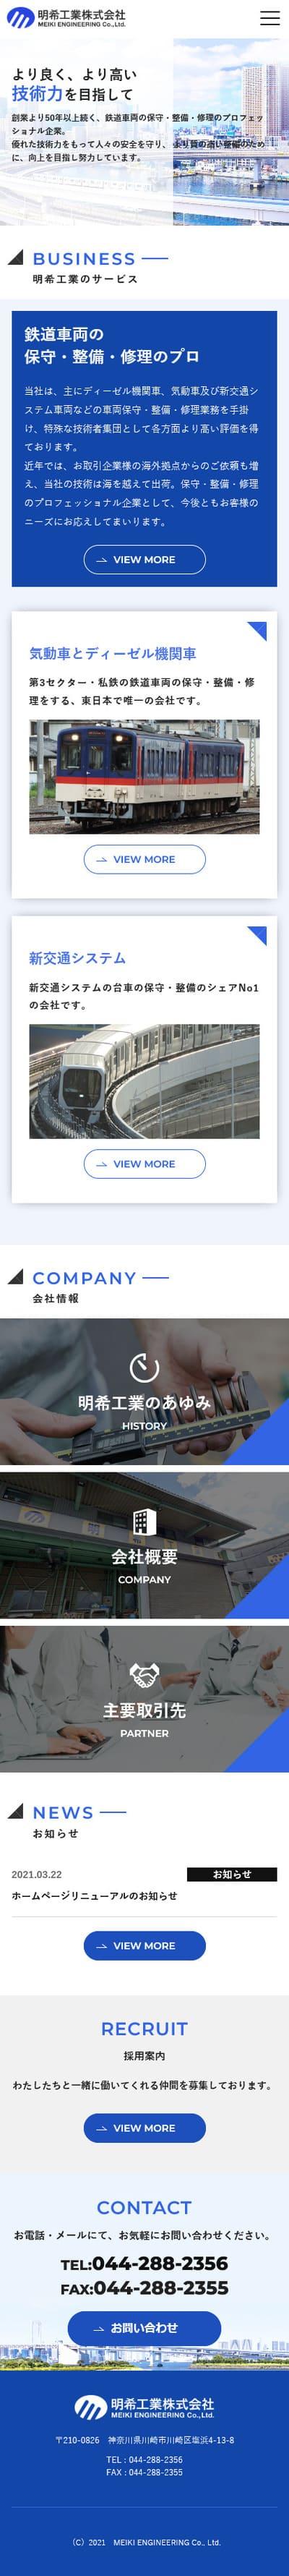 明希工業株式会社